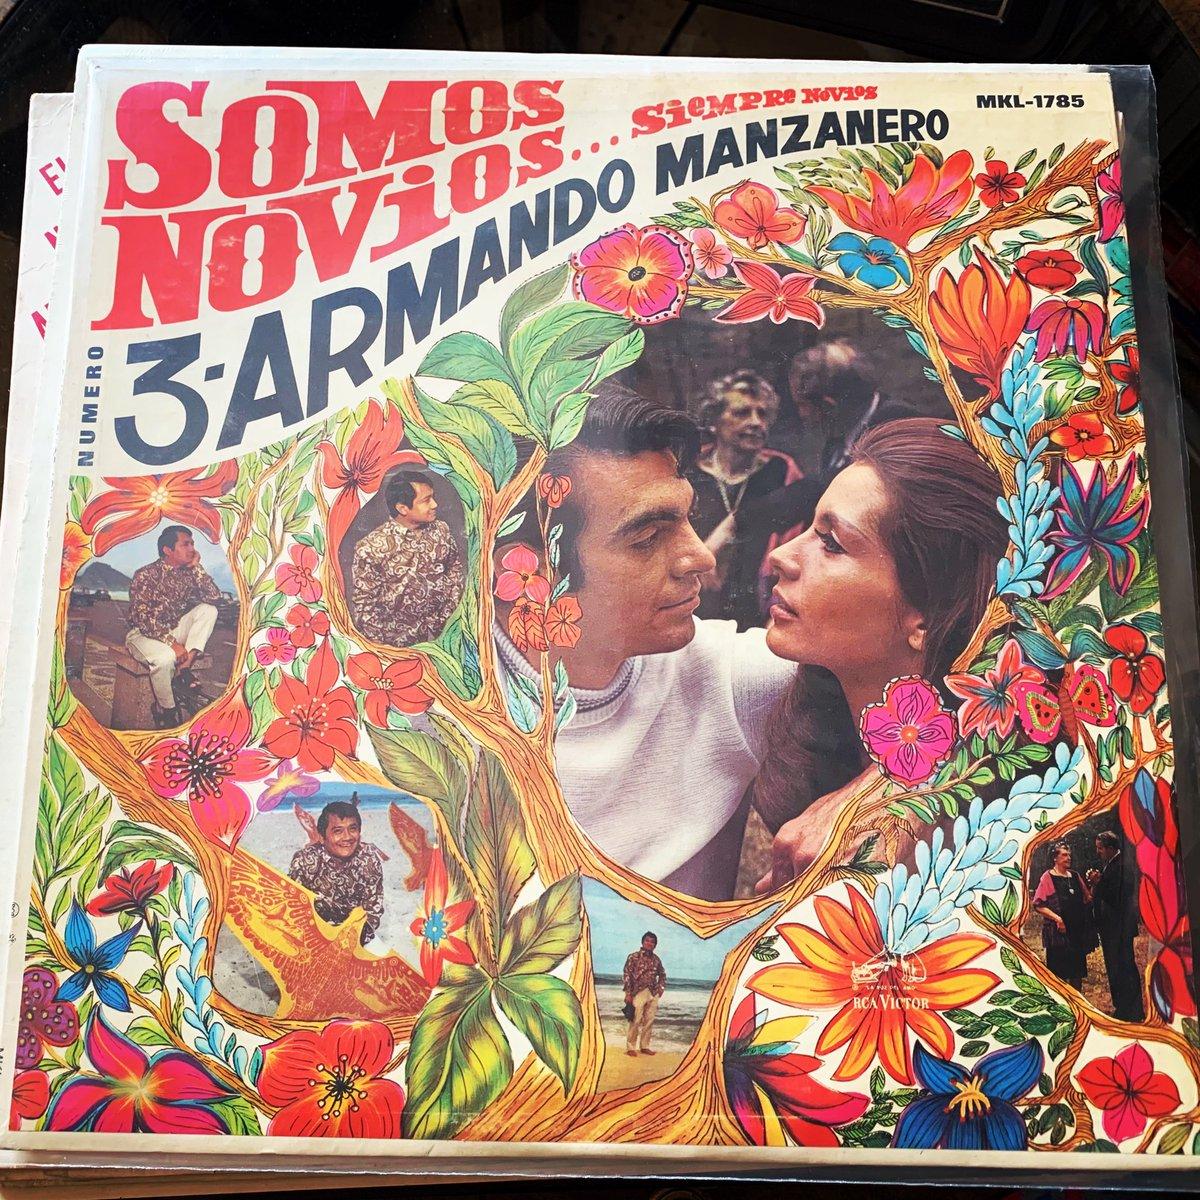 #QEPD #RIP #ArmandoManzanero #GraciasMaestro #Discos #LPs